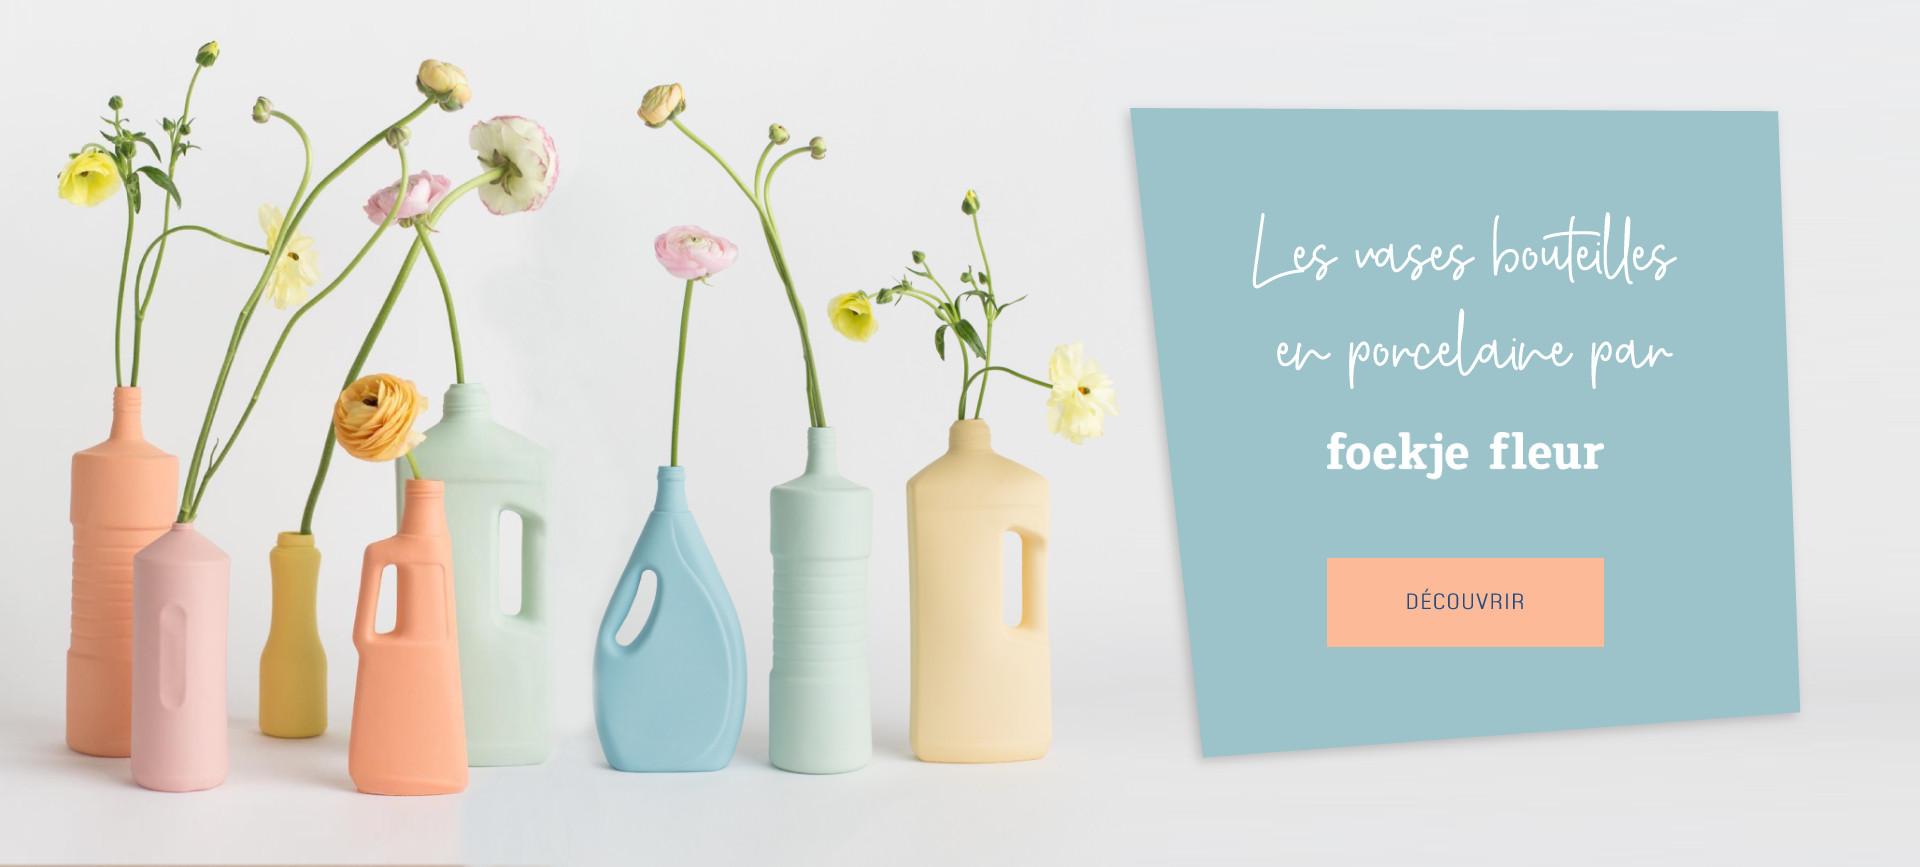 Les vases bouteilles par Foekje Fleur